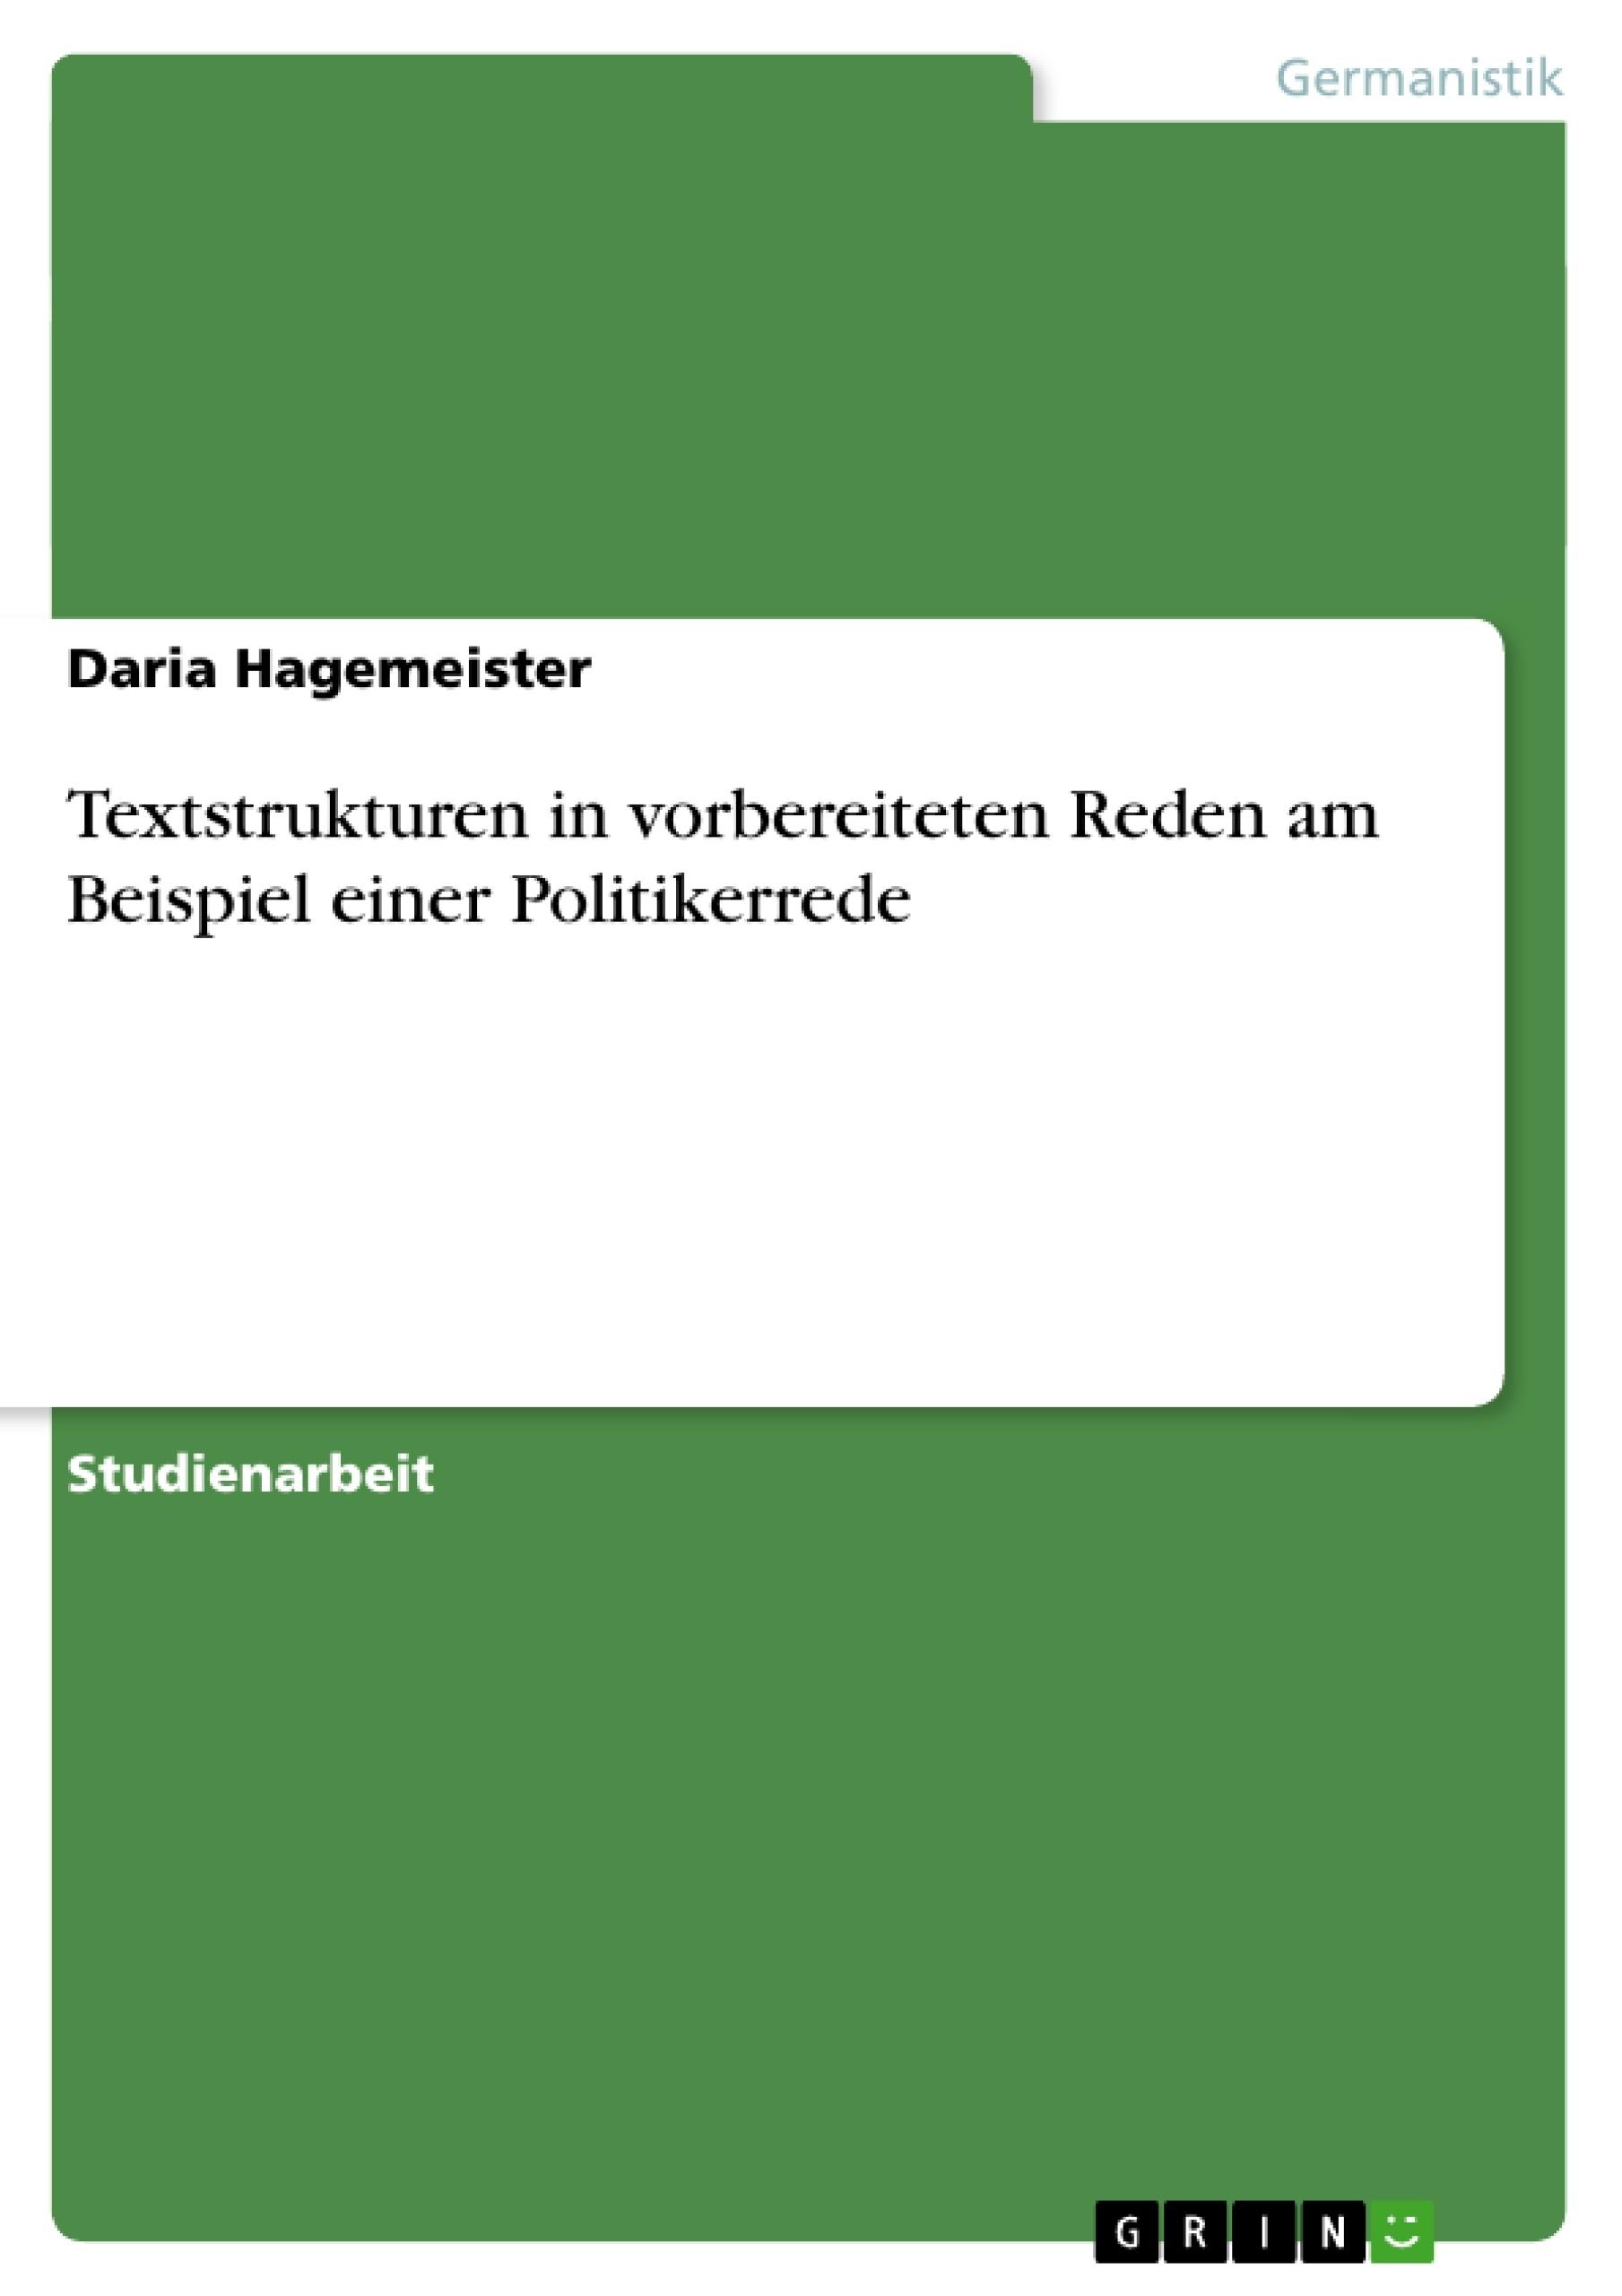 Titel: Textstrukturen in vorbereiteten Reden am Beispiel einer Politikerrede